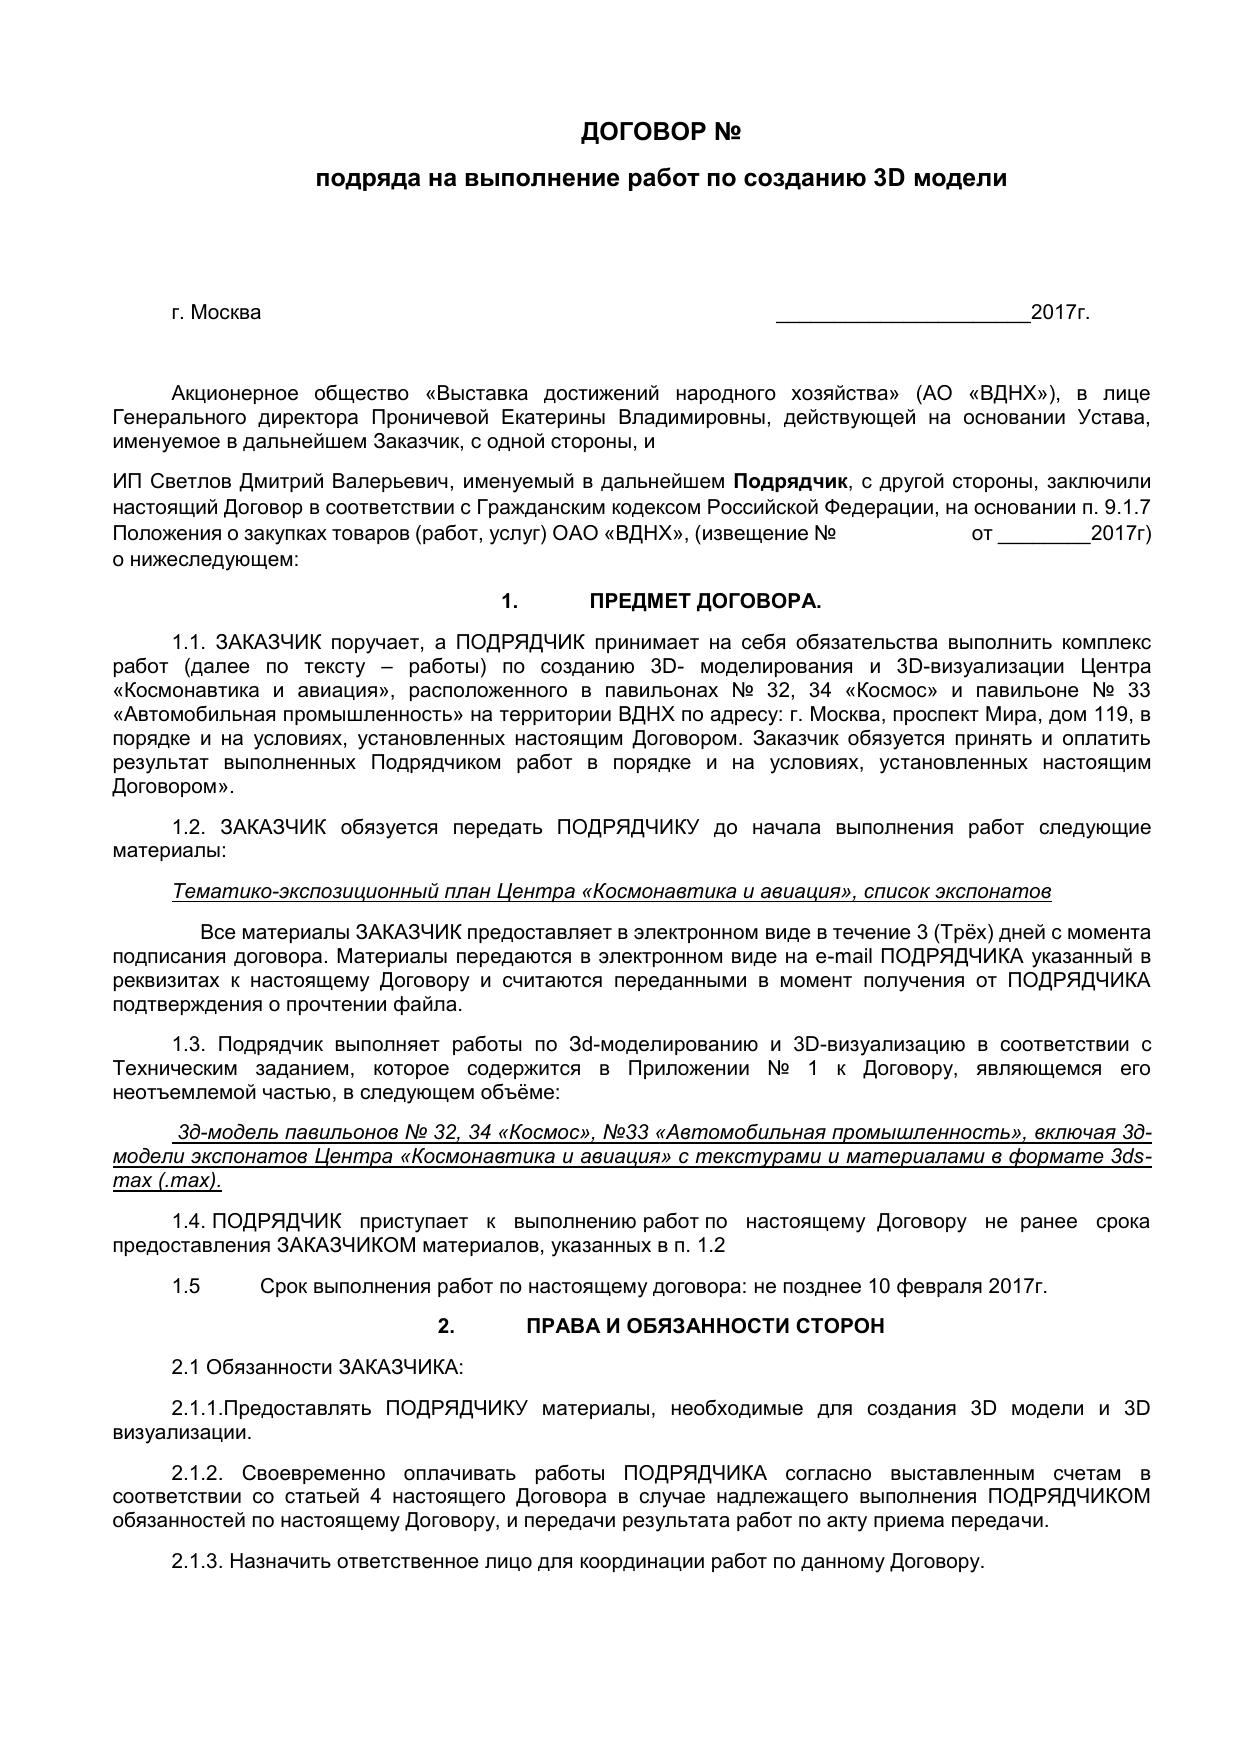 Договор для работы с моделями александр шахмин